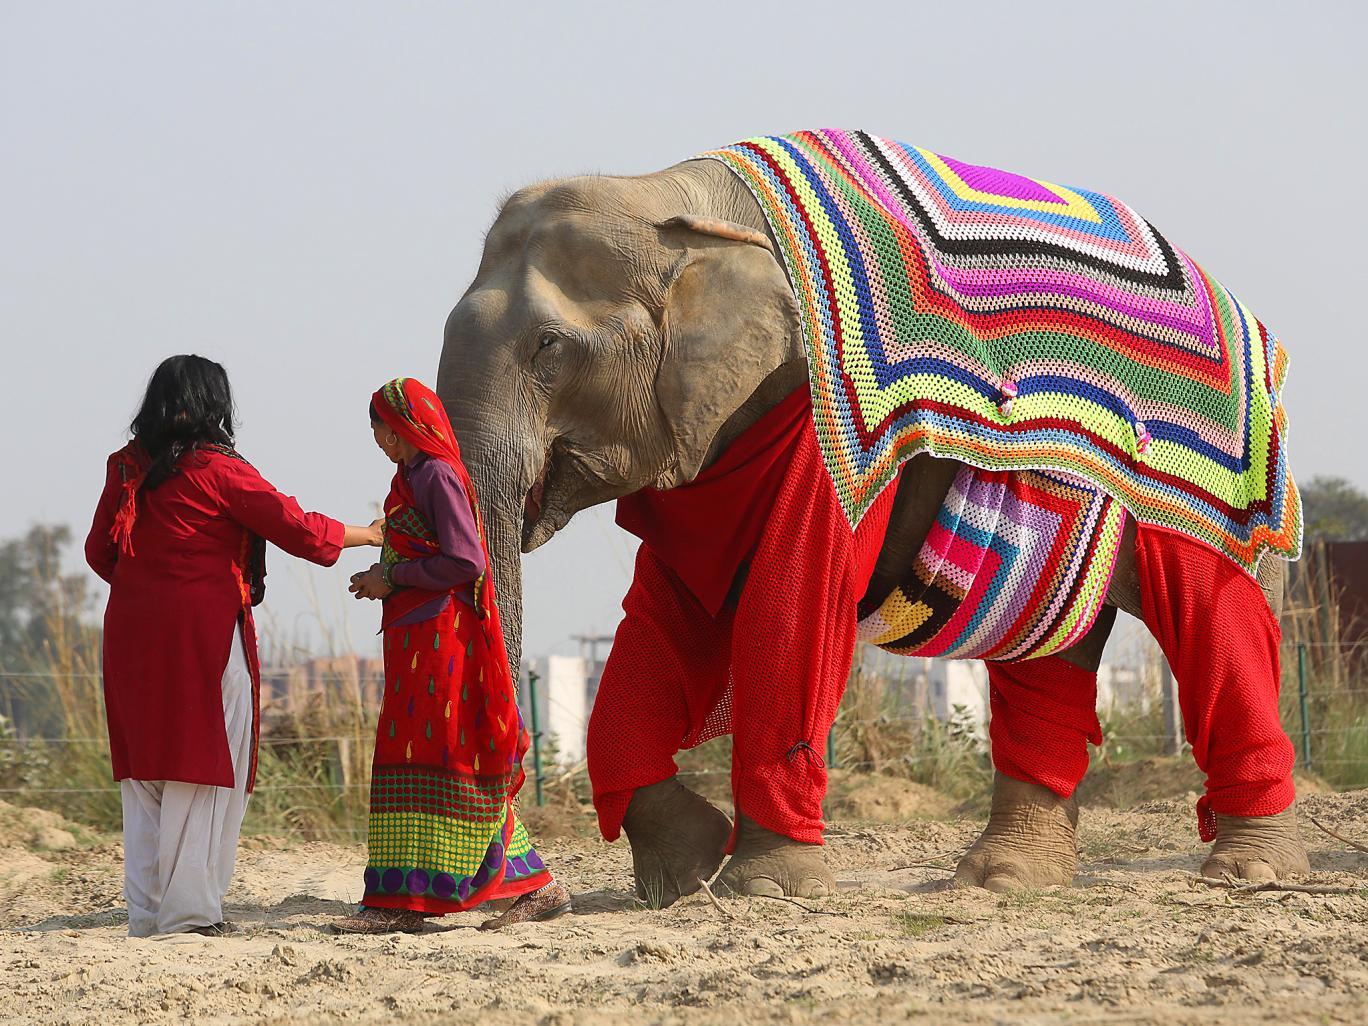 اقدام جالب زنان هندی برای حفاظت از فیلها در برابر سرما+ تصاویر